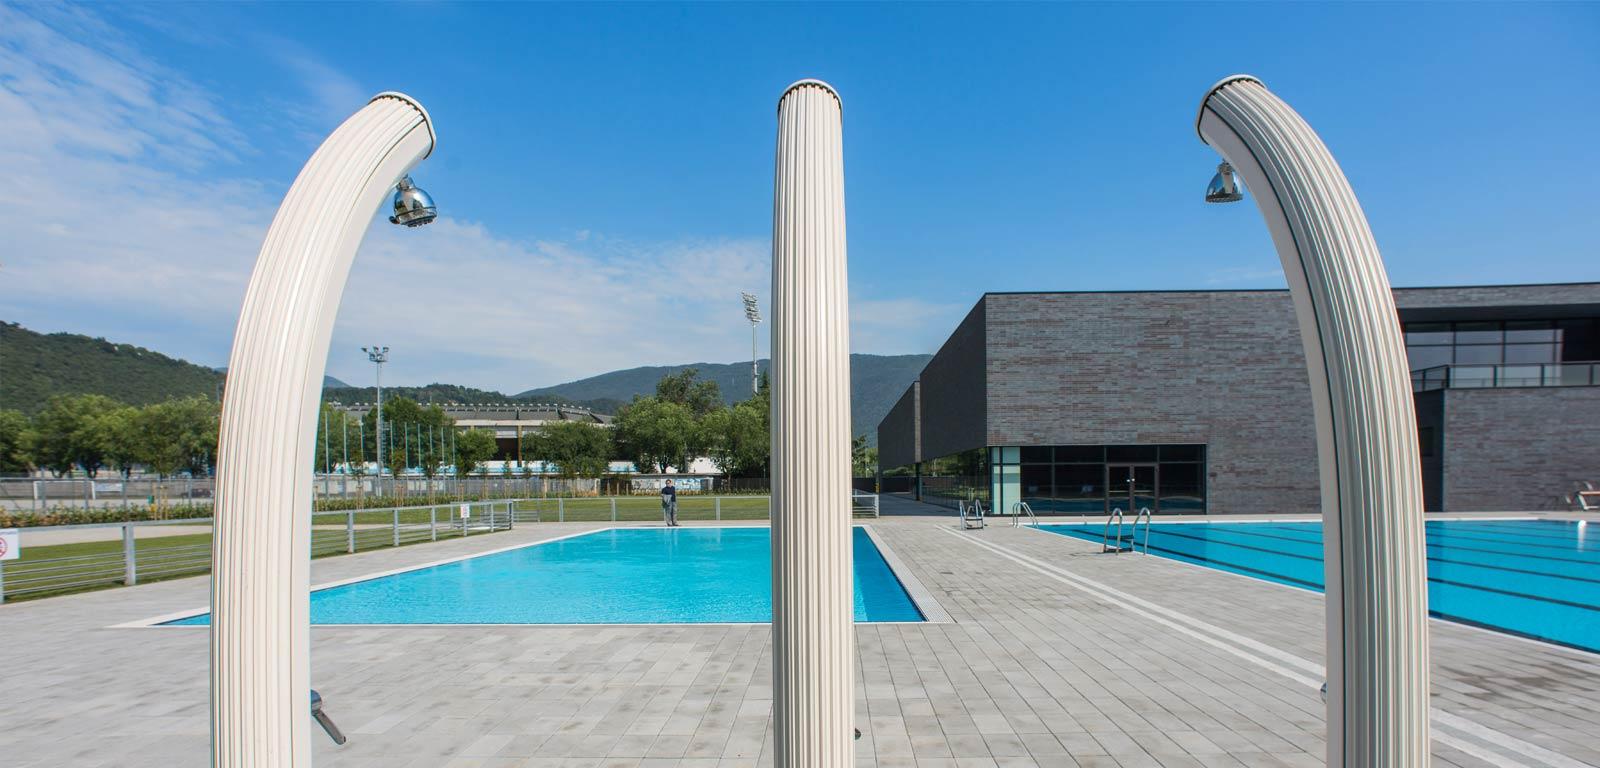 Docce solari ecologiche per giardino piscine castiglione - Doccia solare per piscina ...